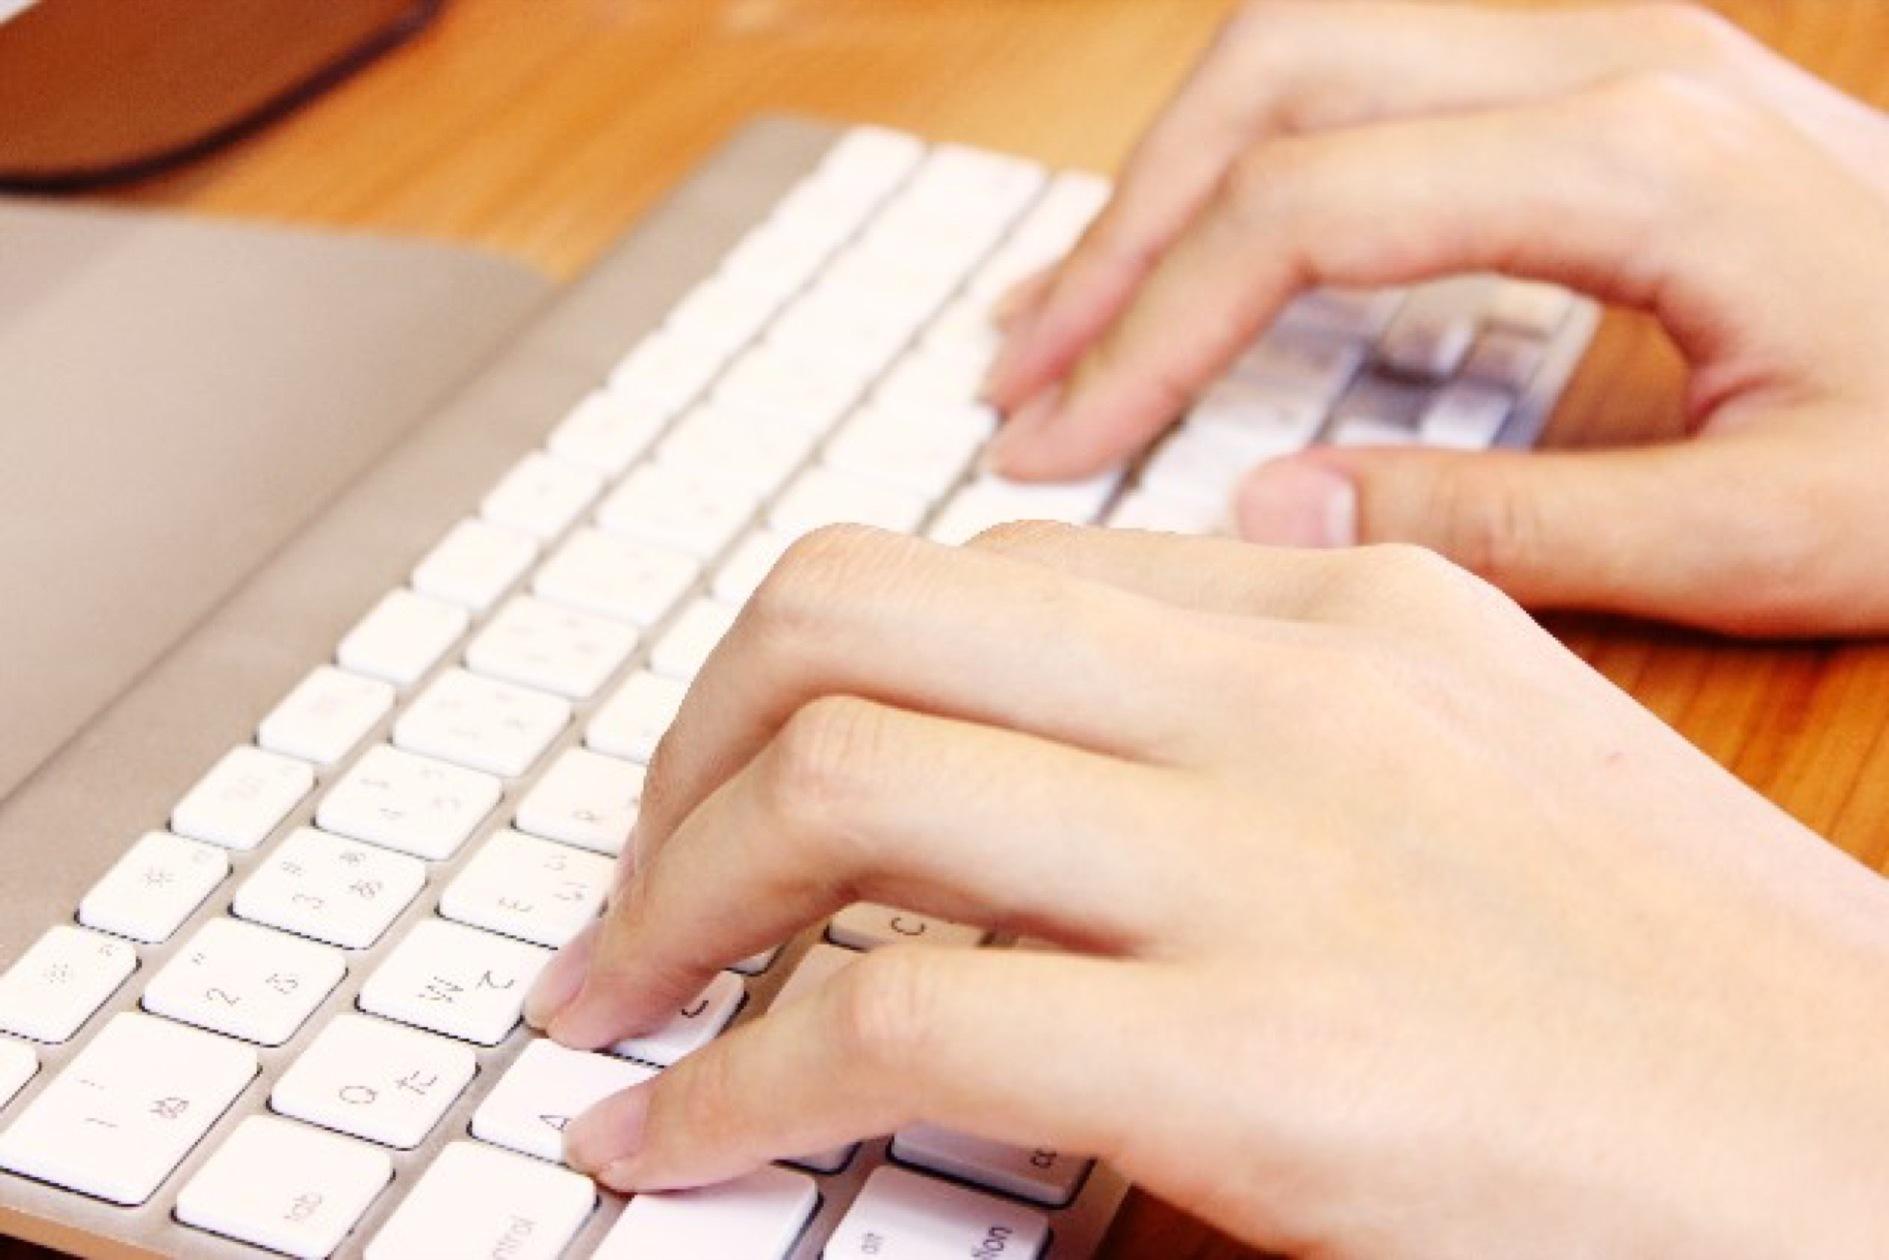 【独学で学ぶ】HTMLをほぼ無料で学べる学習サイト11選